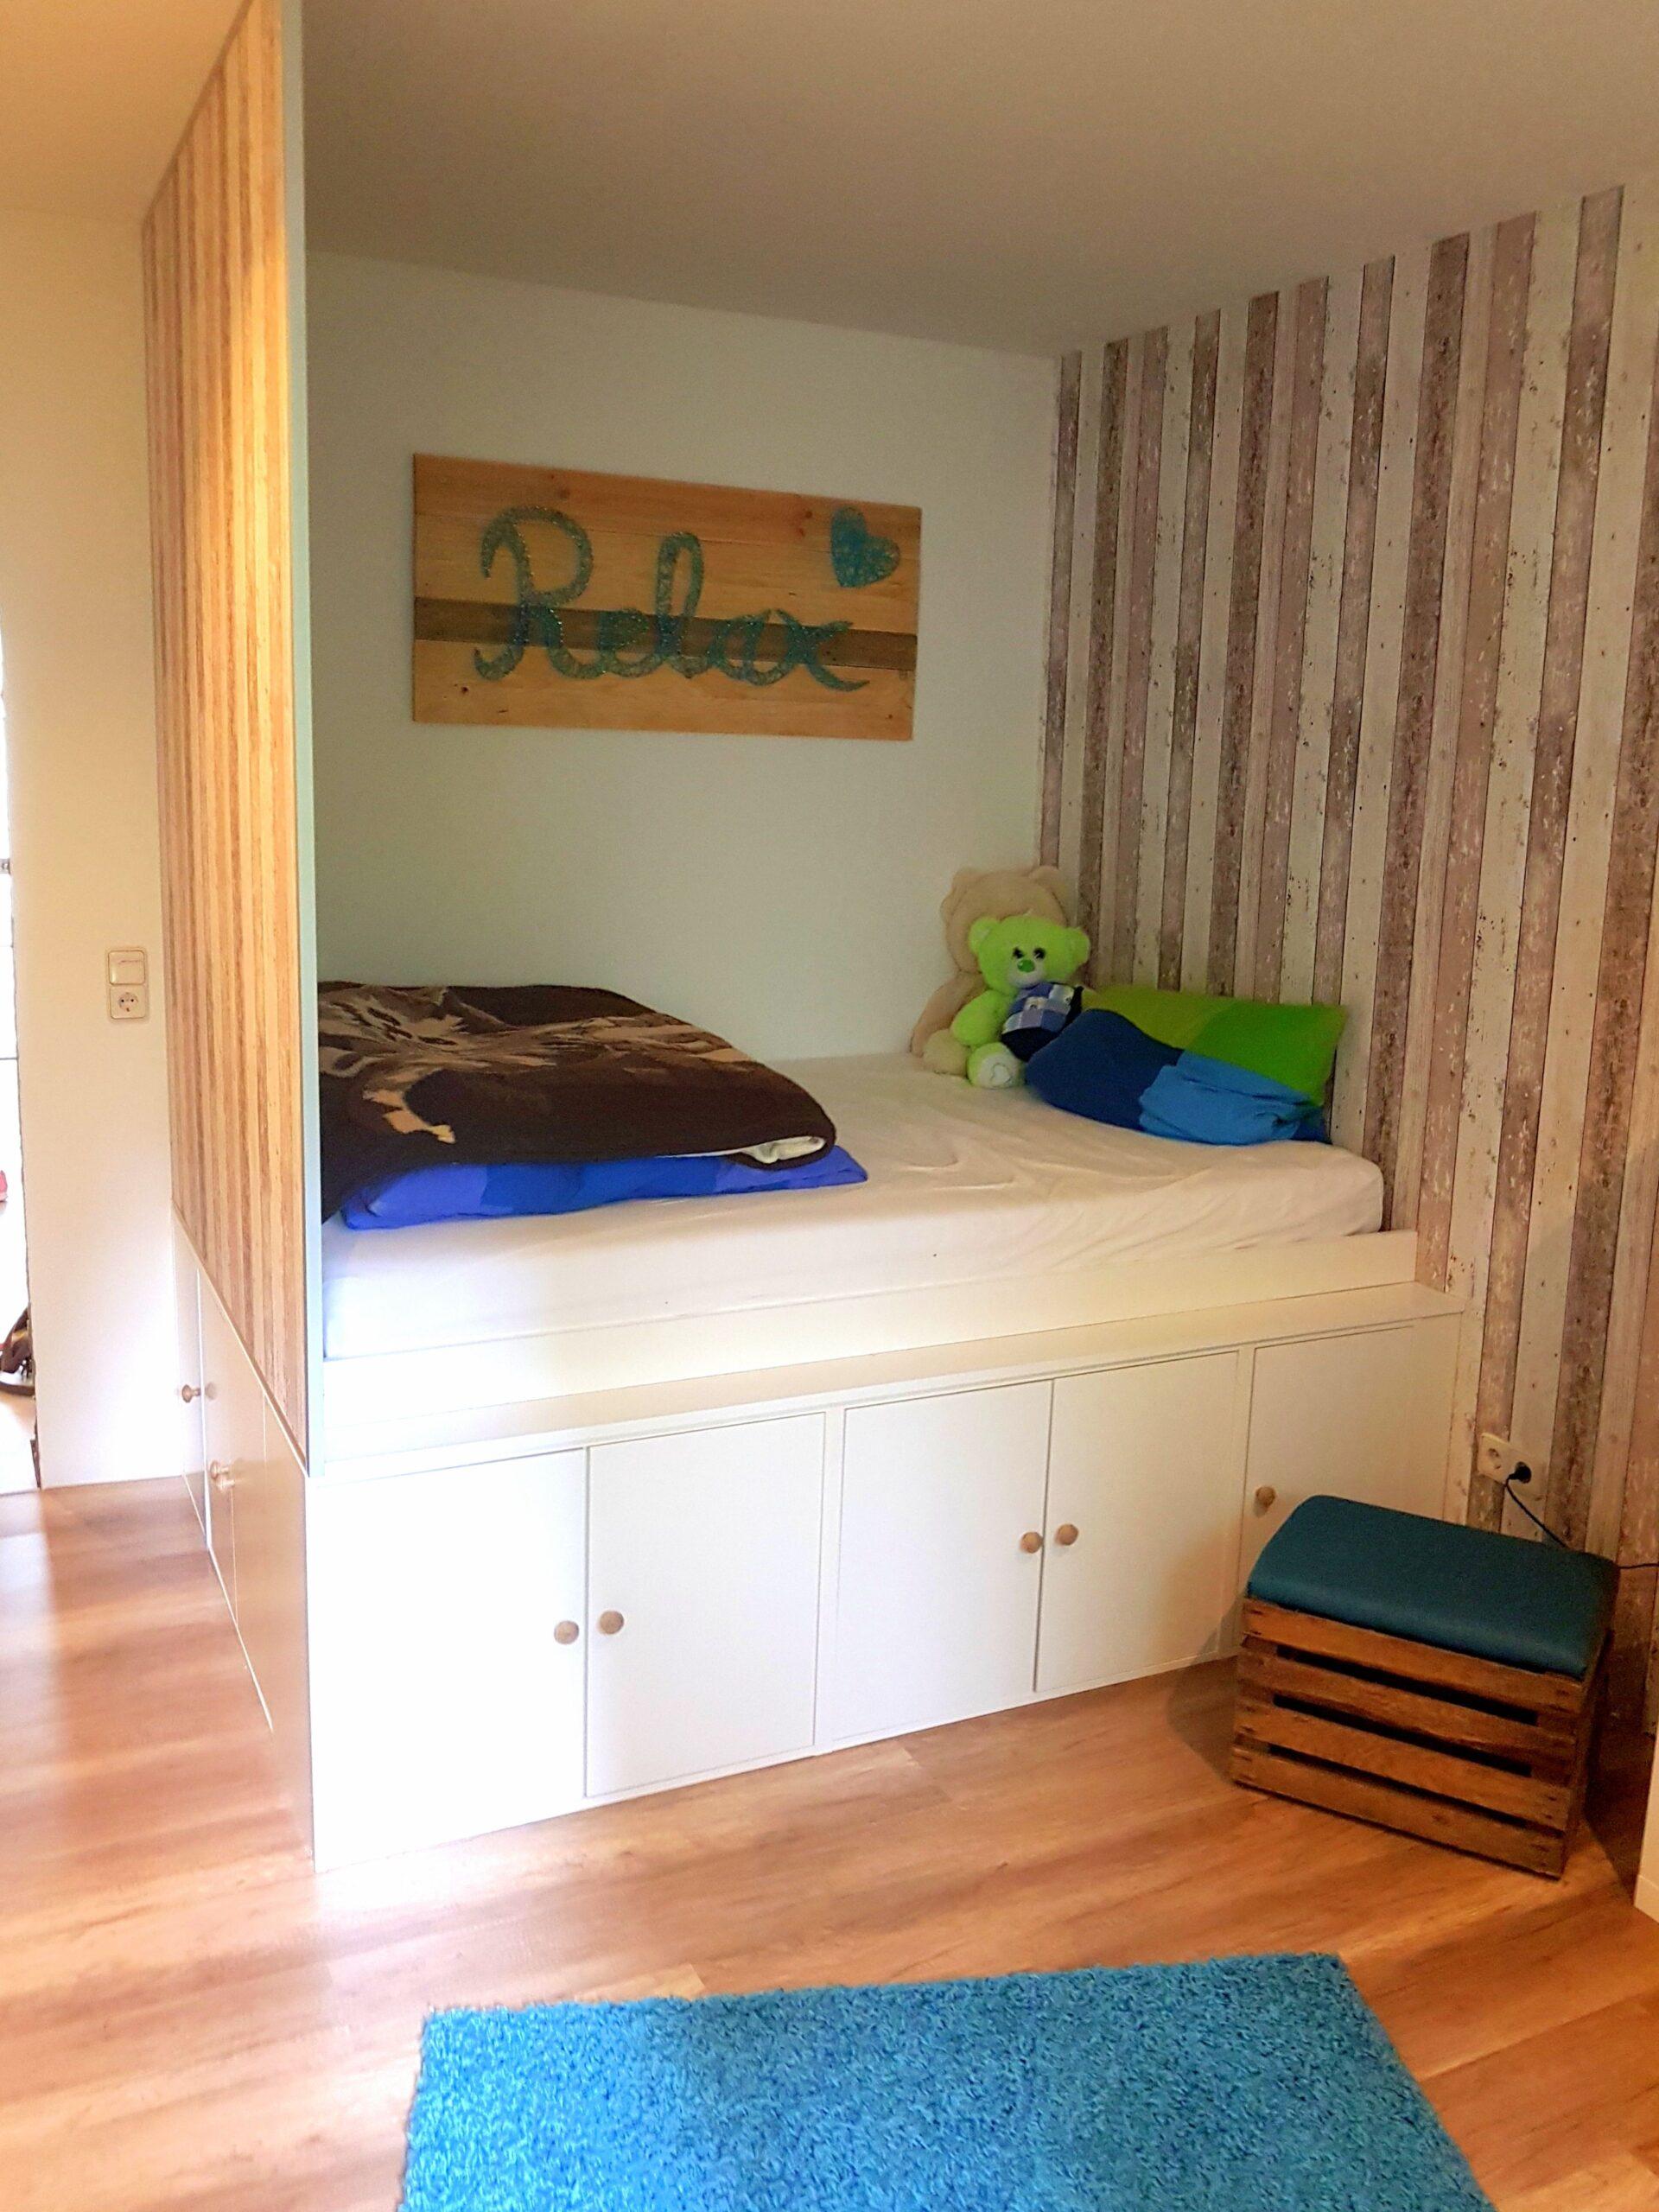 Full Size of Ikea Küchen Unterschrank Diy Jugendzimmer Hochbett Mit Kchenschrnken Als Unterbau Küche Kosten Betten Bei Badezimmer Kaufen Bad Holz Eckunterschrank Regal Wohnzimmer Ikea Küchen Unterschrank